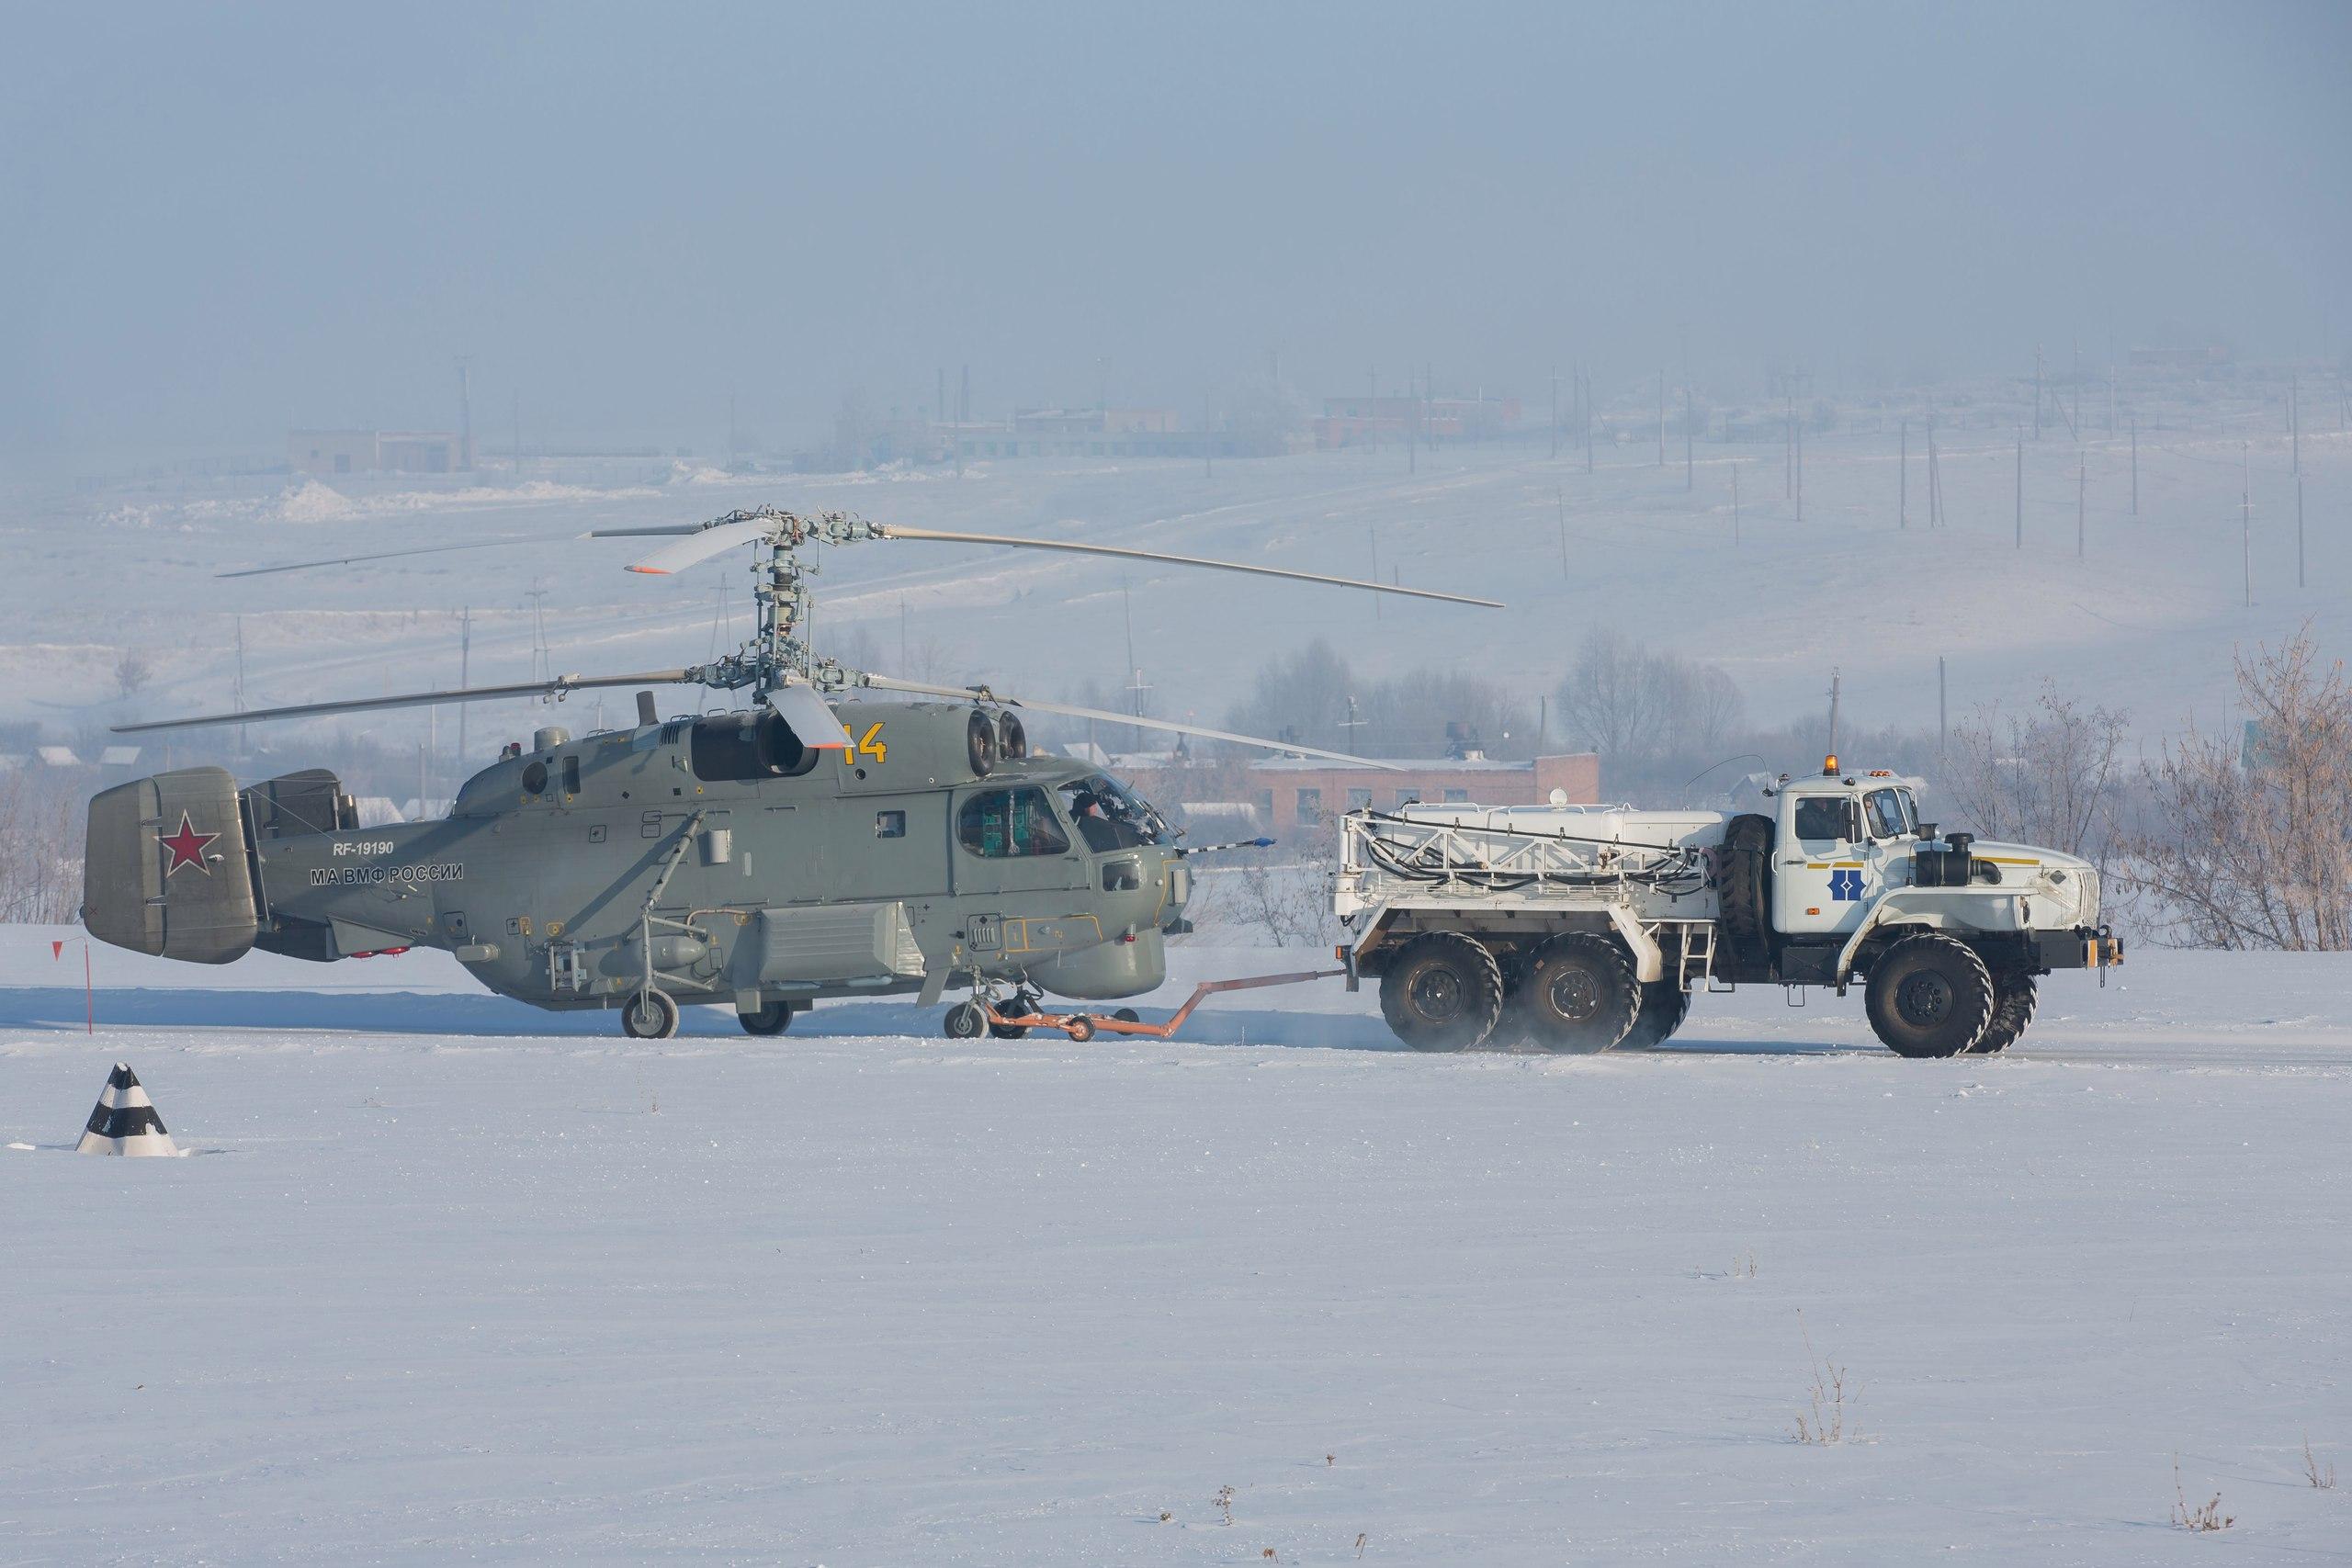 Первый серийно модернизированный противолодочный вертолет Ка-27М